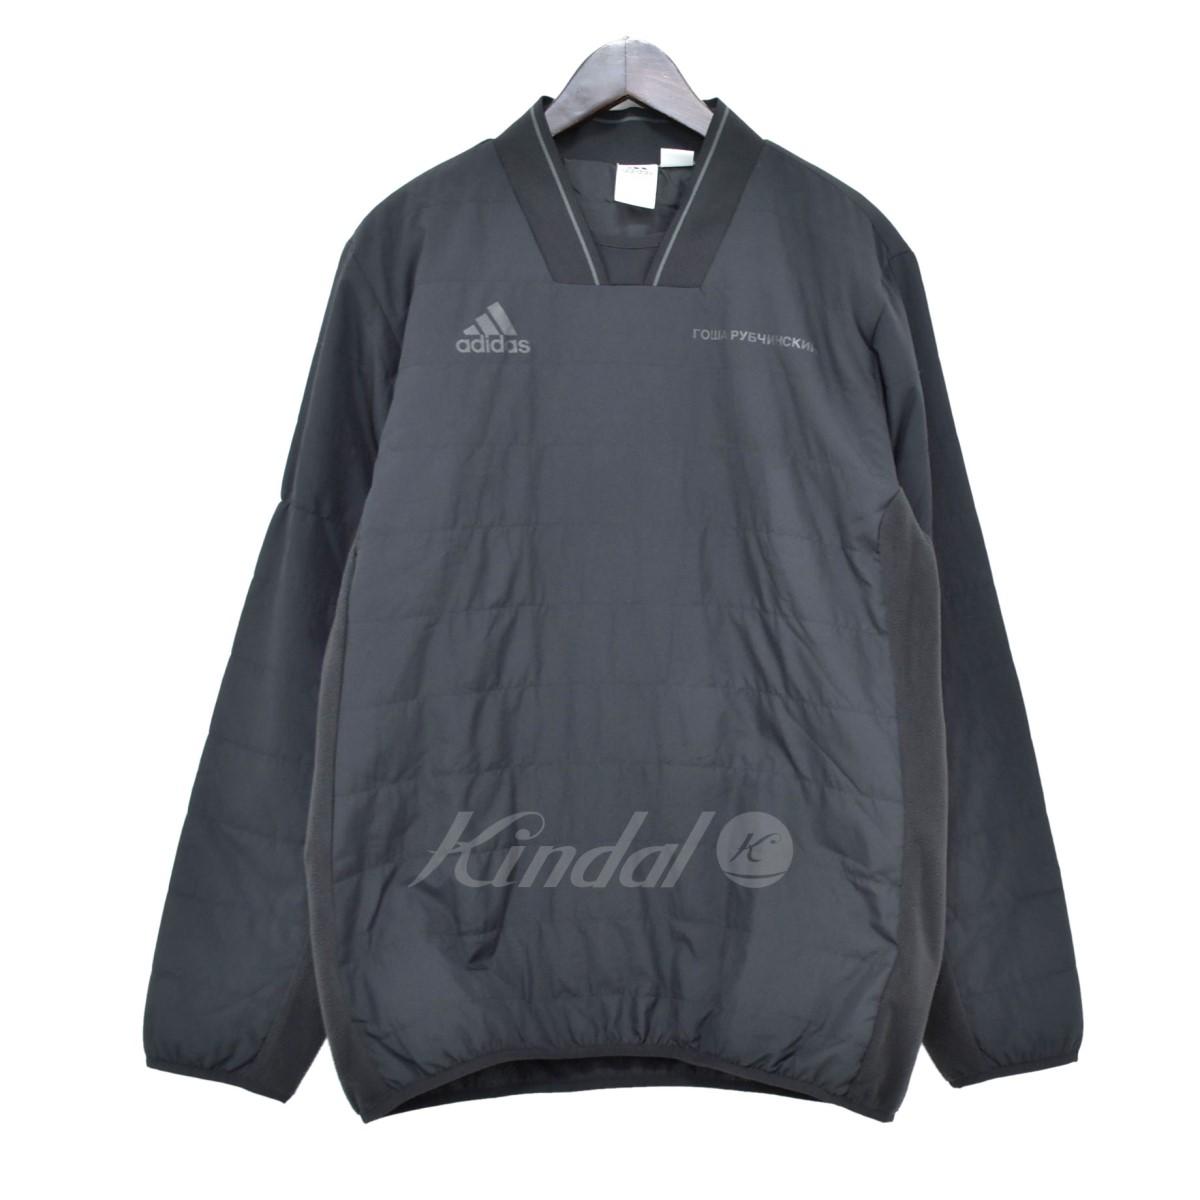 【中古】GOSHA RUBCHINSKIY × adidas 17AW WARM SWEATSHIRT フリース切替プルオーバーカットソー 【027703】 【KIND1884】